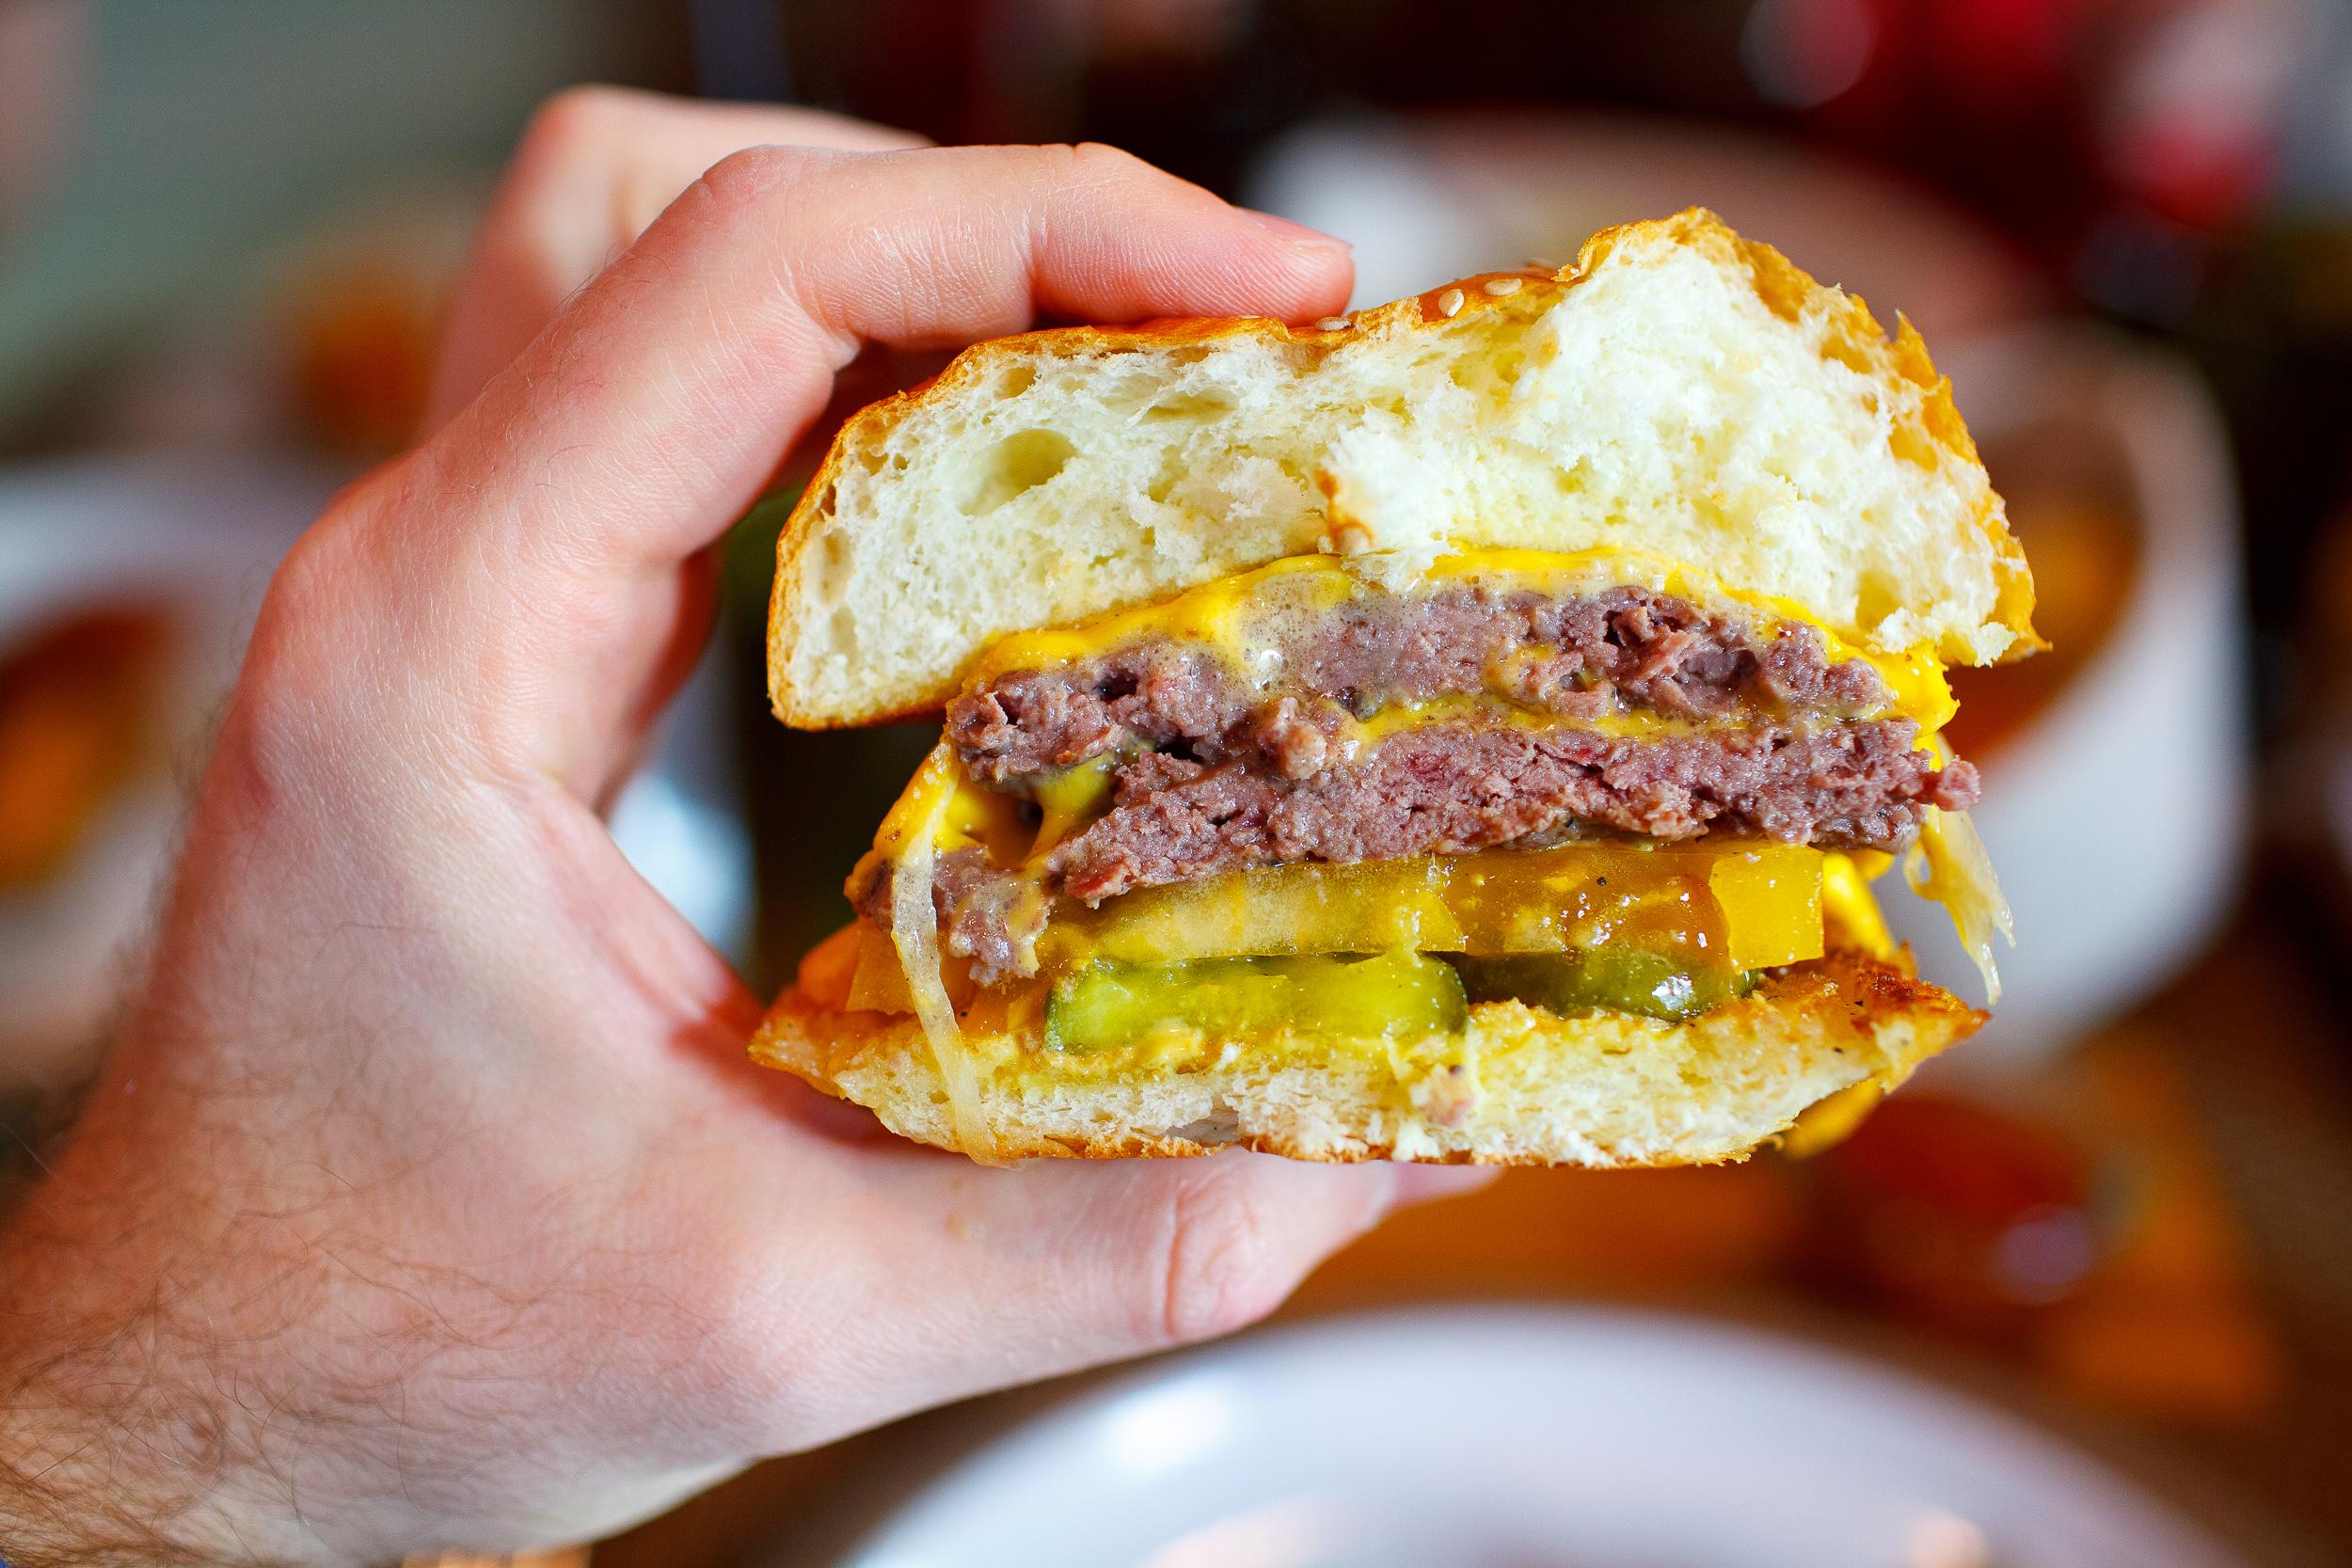 Cheeseburger, Fried Potato Wedges / Husk, Charleston, South Carolina, United States